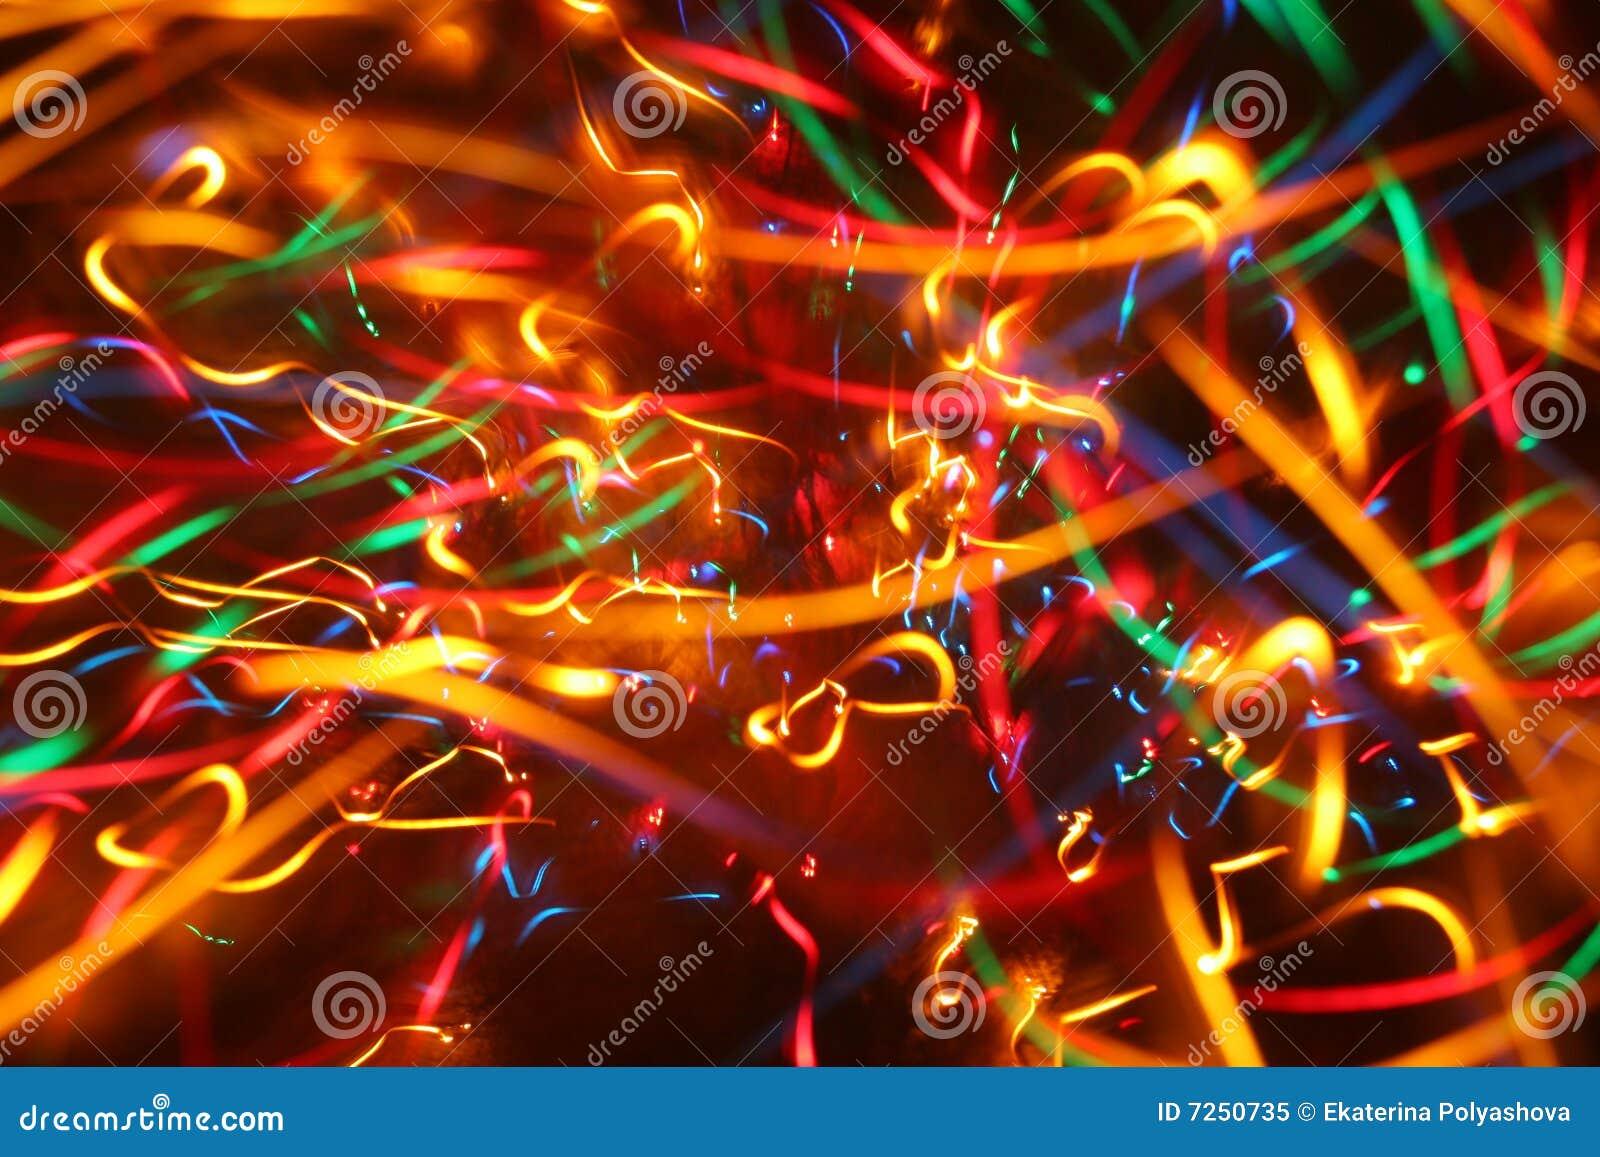 Fundo festivo colorido